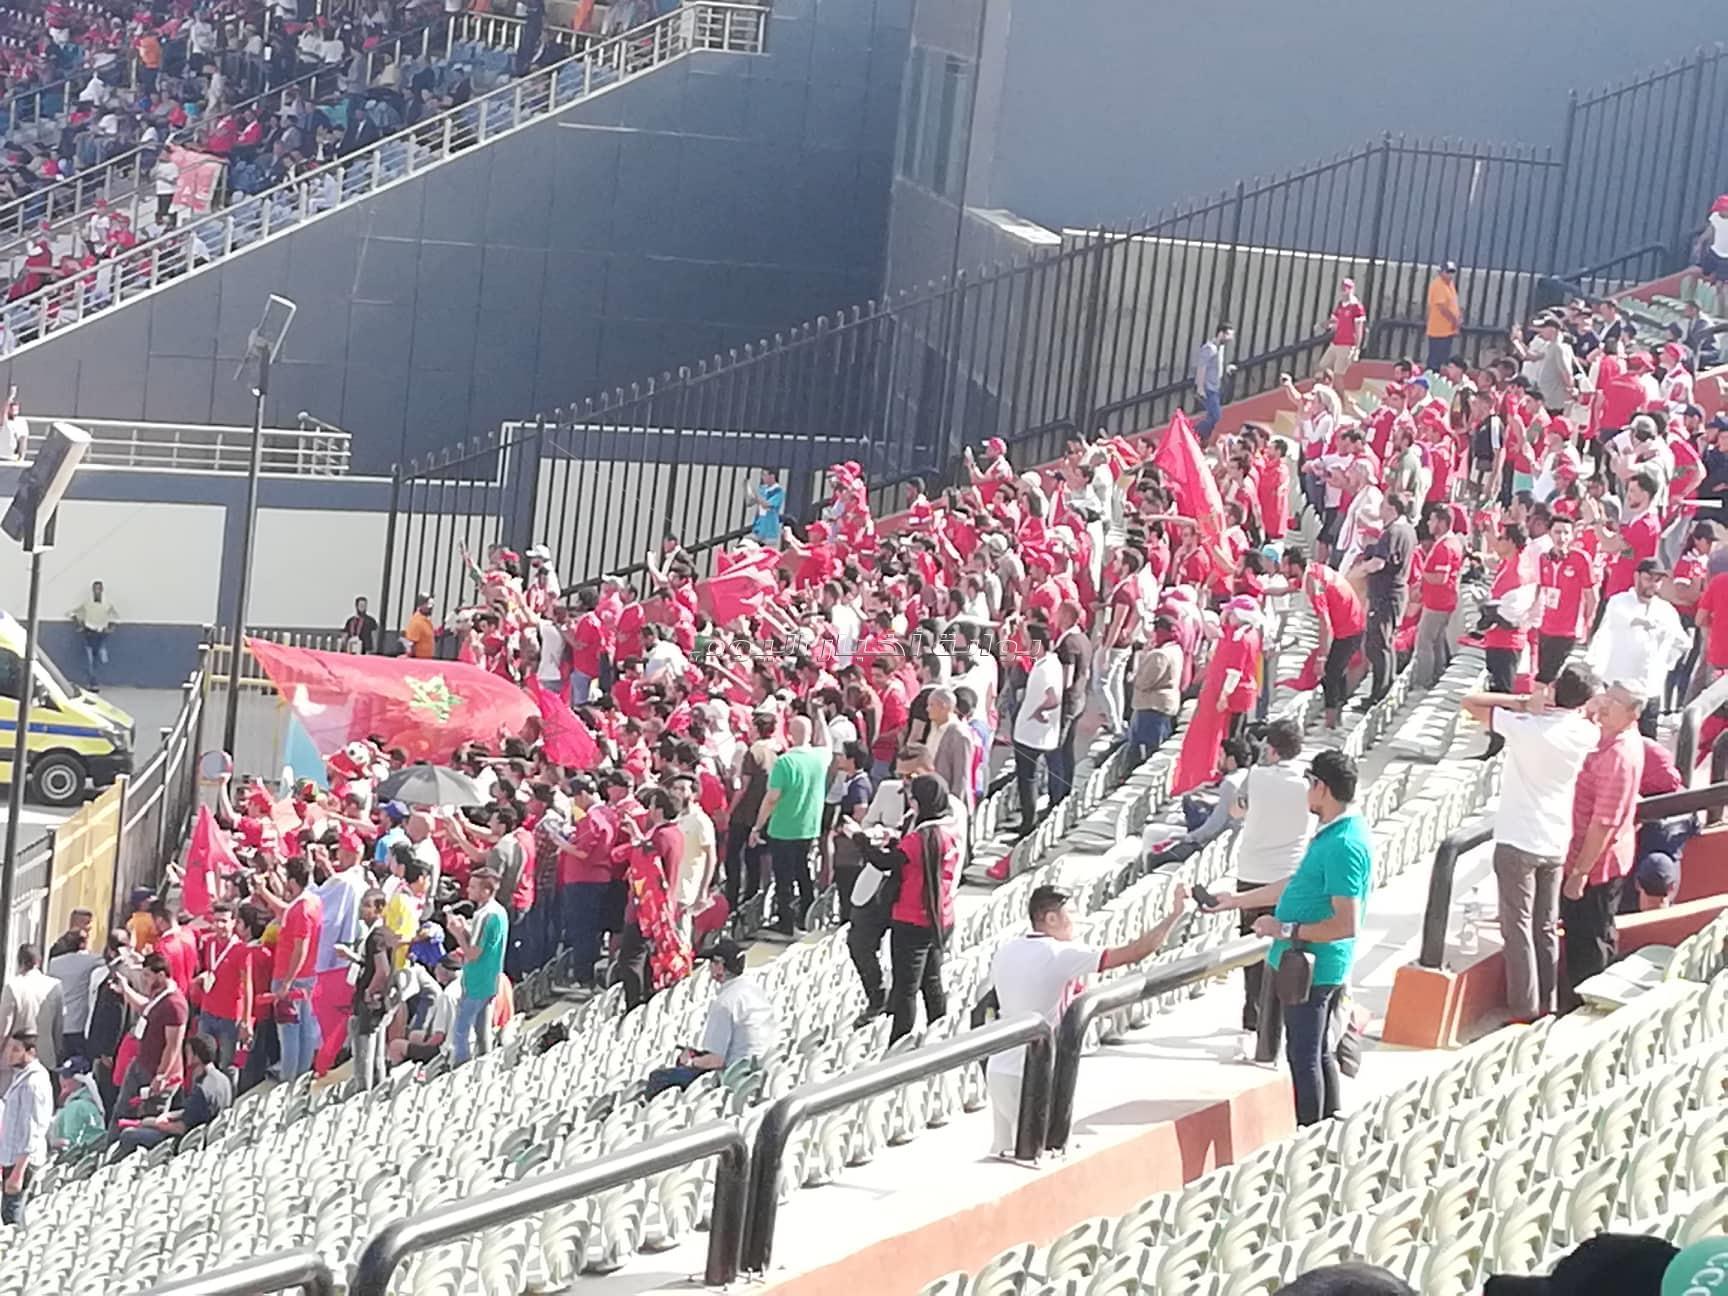 الجماهير المغربية تؤازر منتخبها أمام ناميبيا